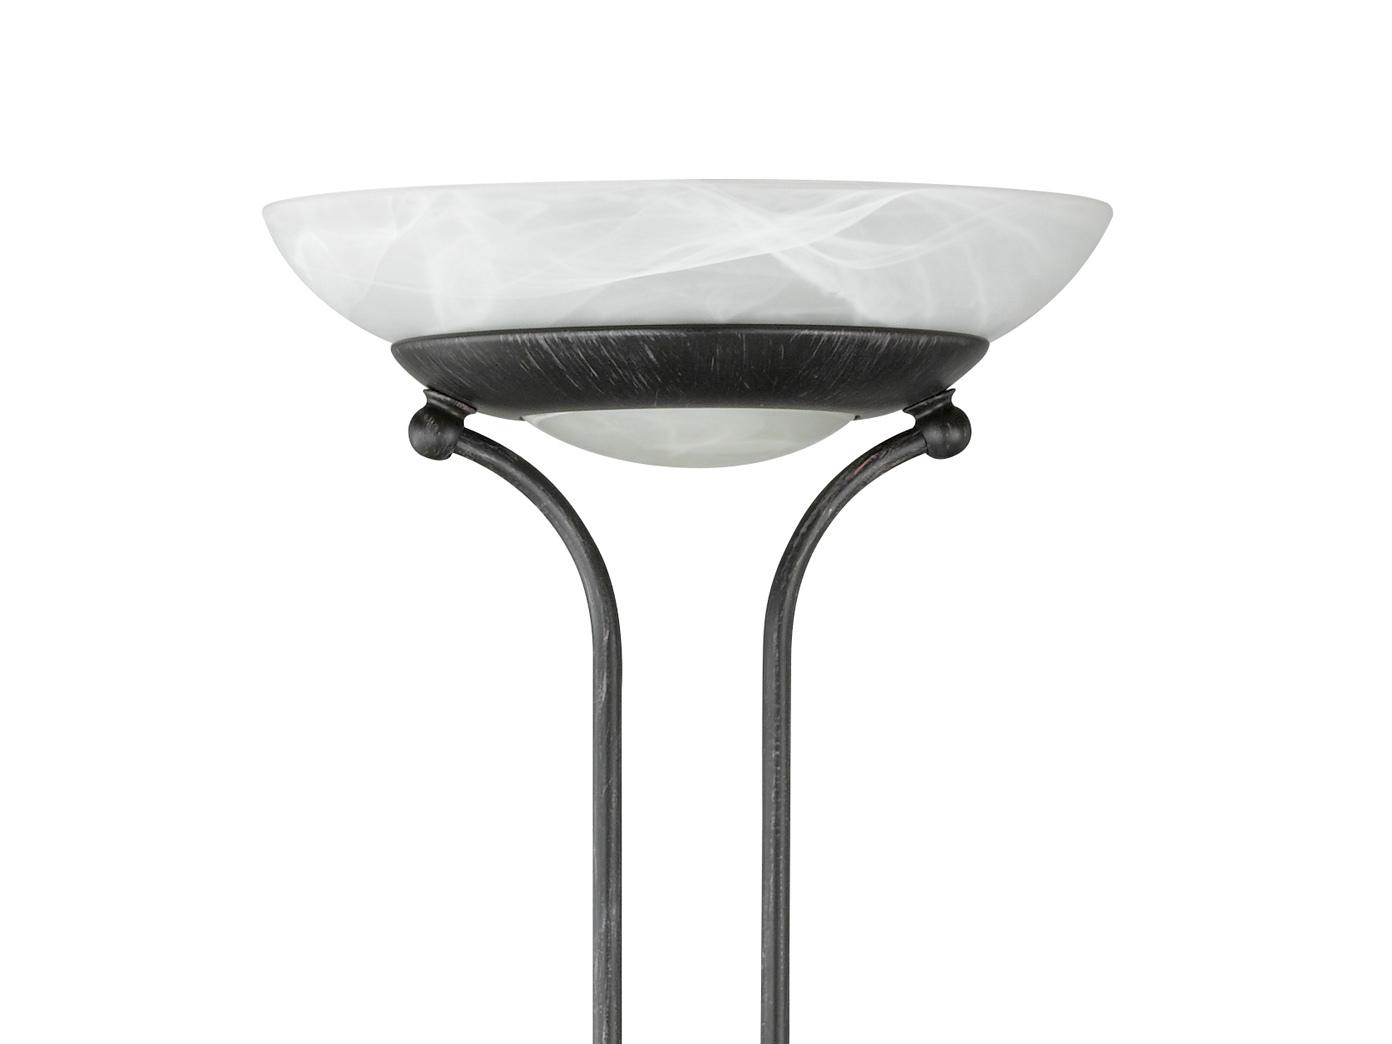 design led deckenfluter dimmbar mit leselampe rostfarbig. Black Bedroom Furniture Sets. Home Design Ideas